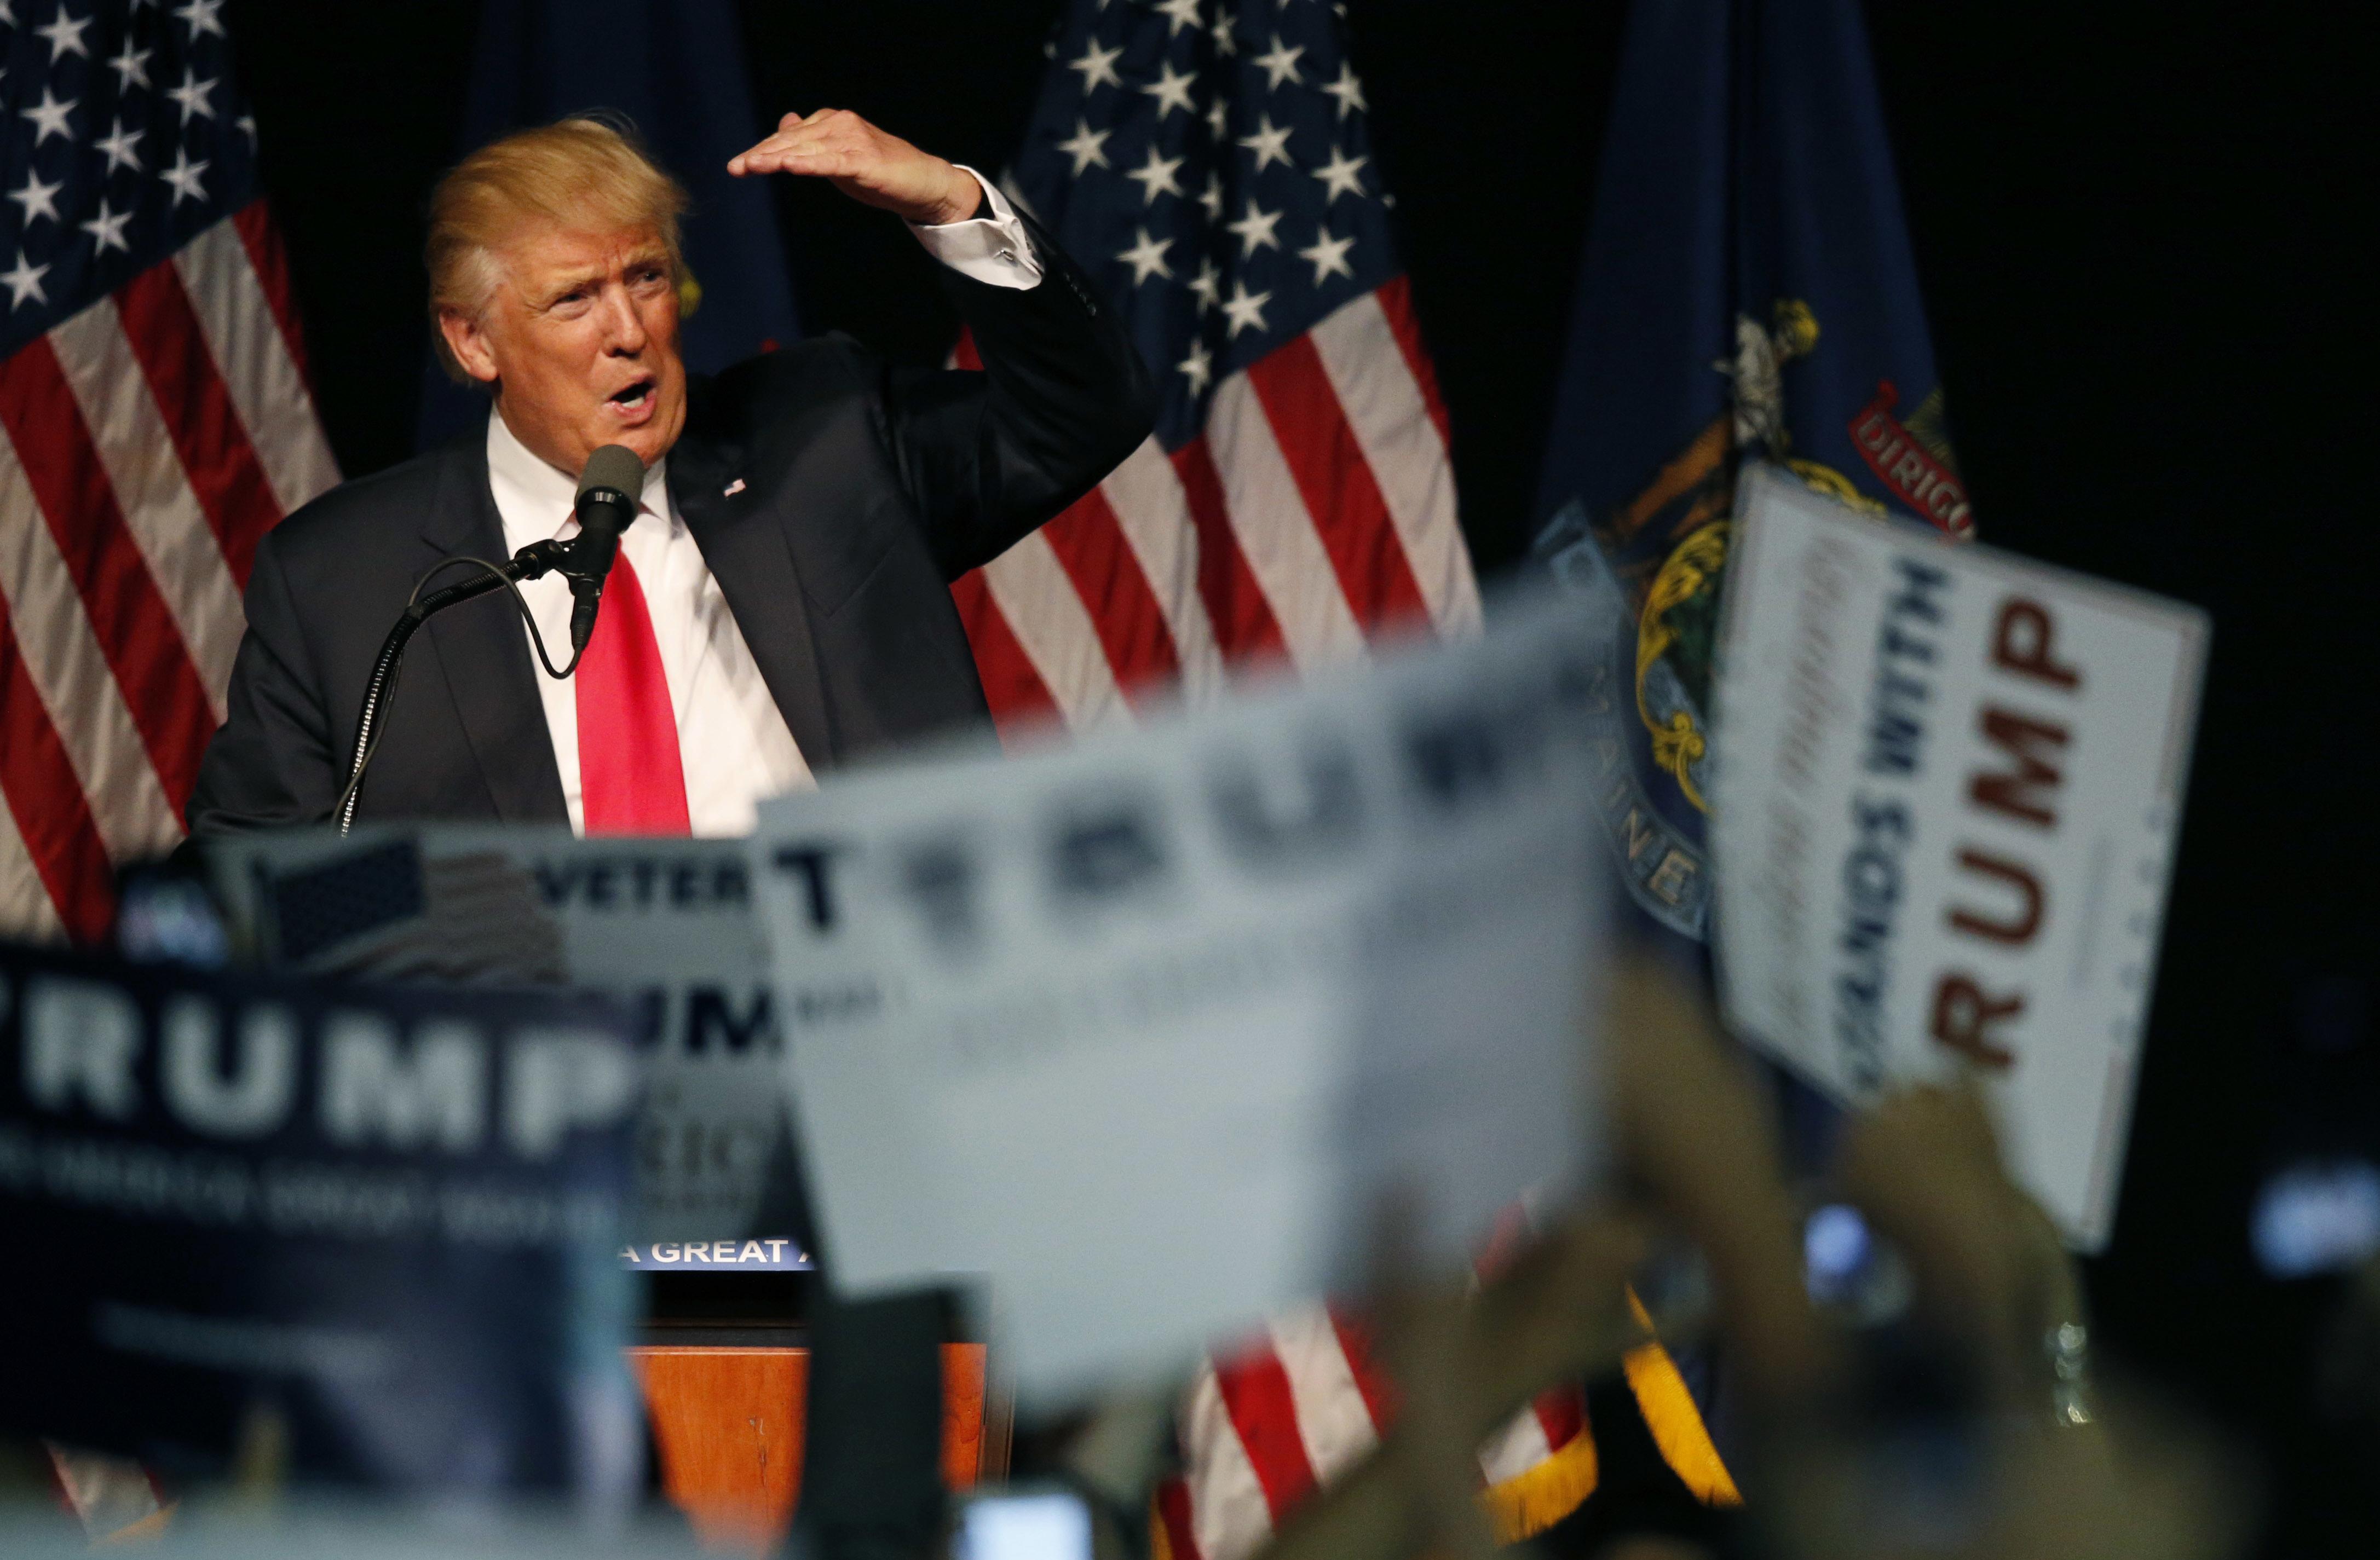 Clinton y Trump casi empatados, según nuevo sondeo en EE.UU